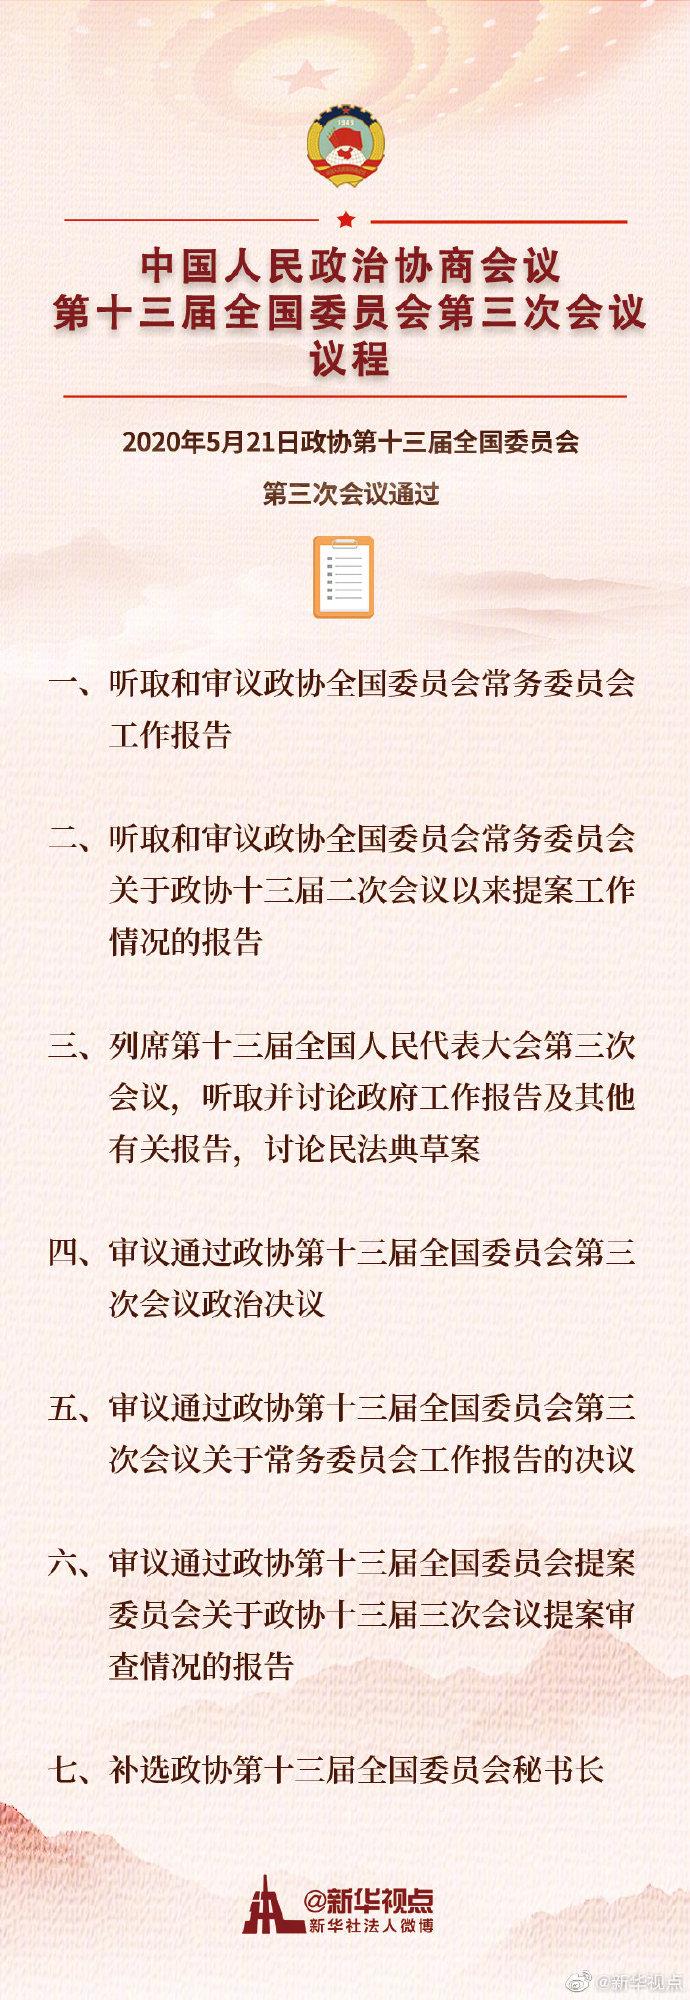 中国人民政治协商会议第十三届全国委员会第三次会议议程